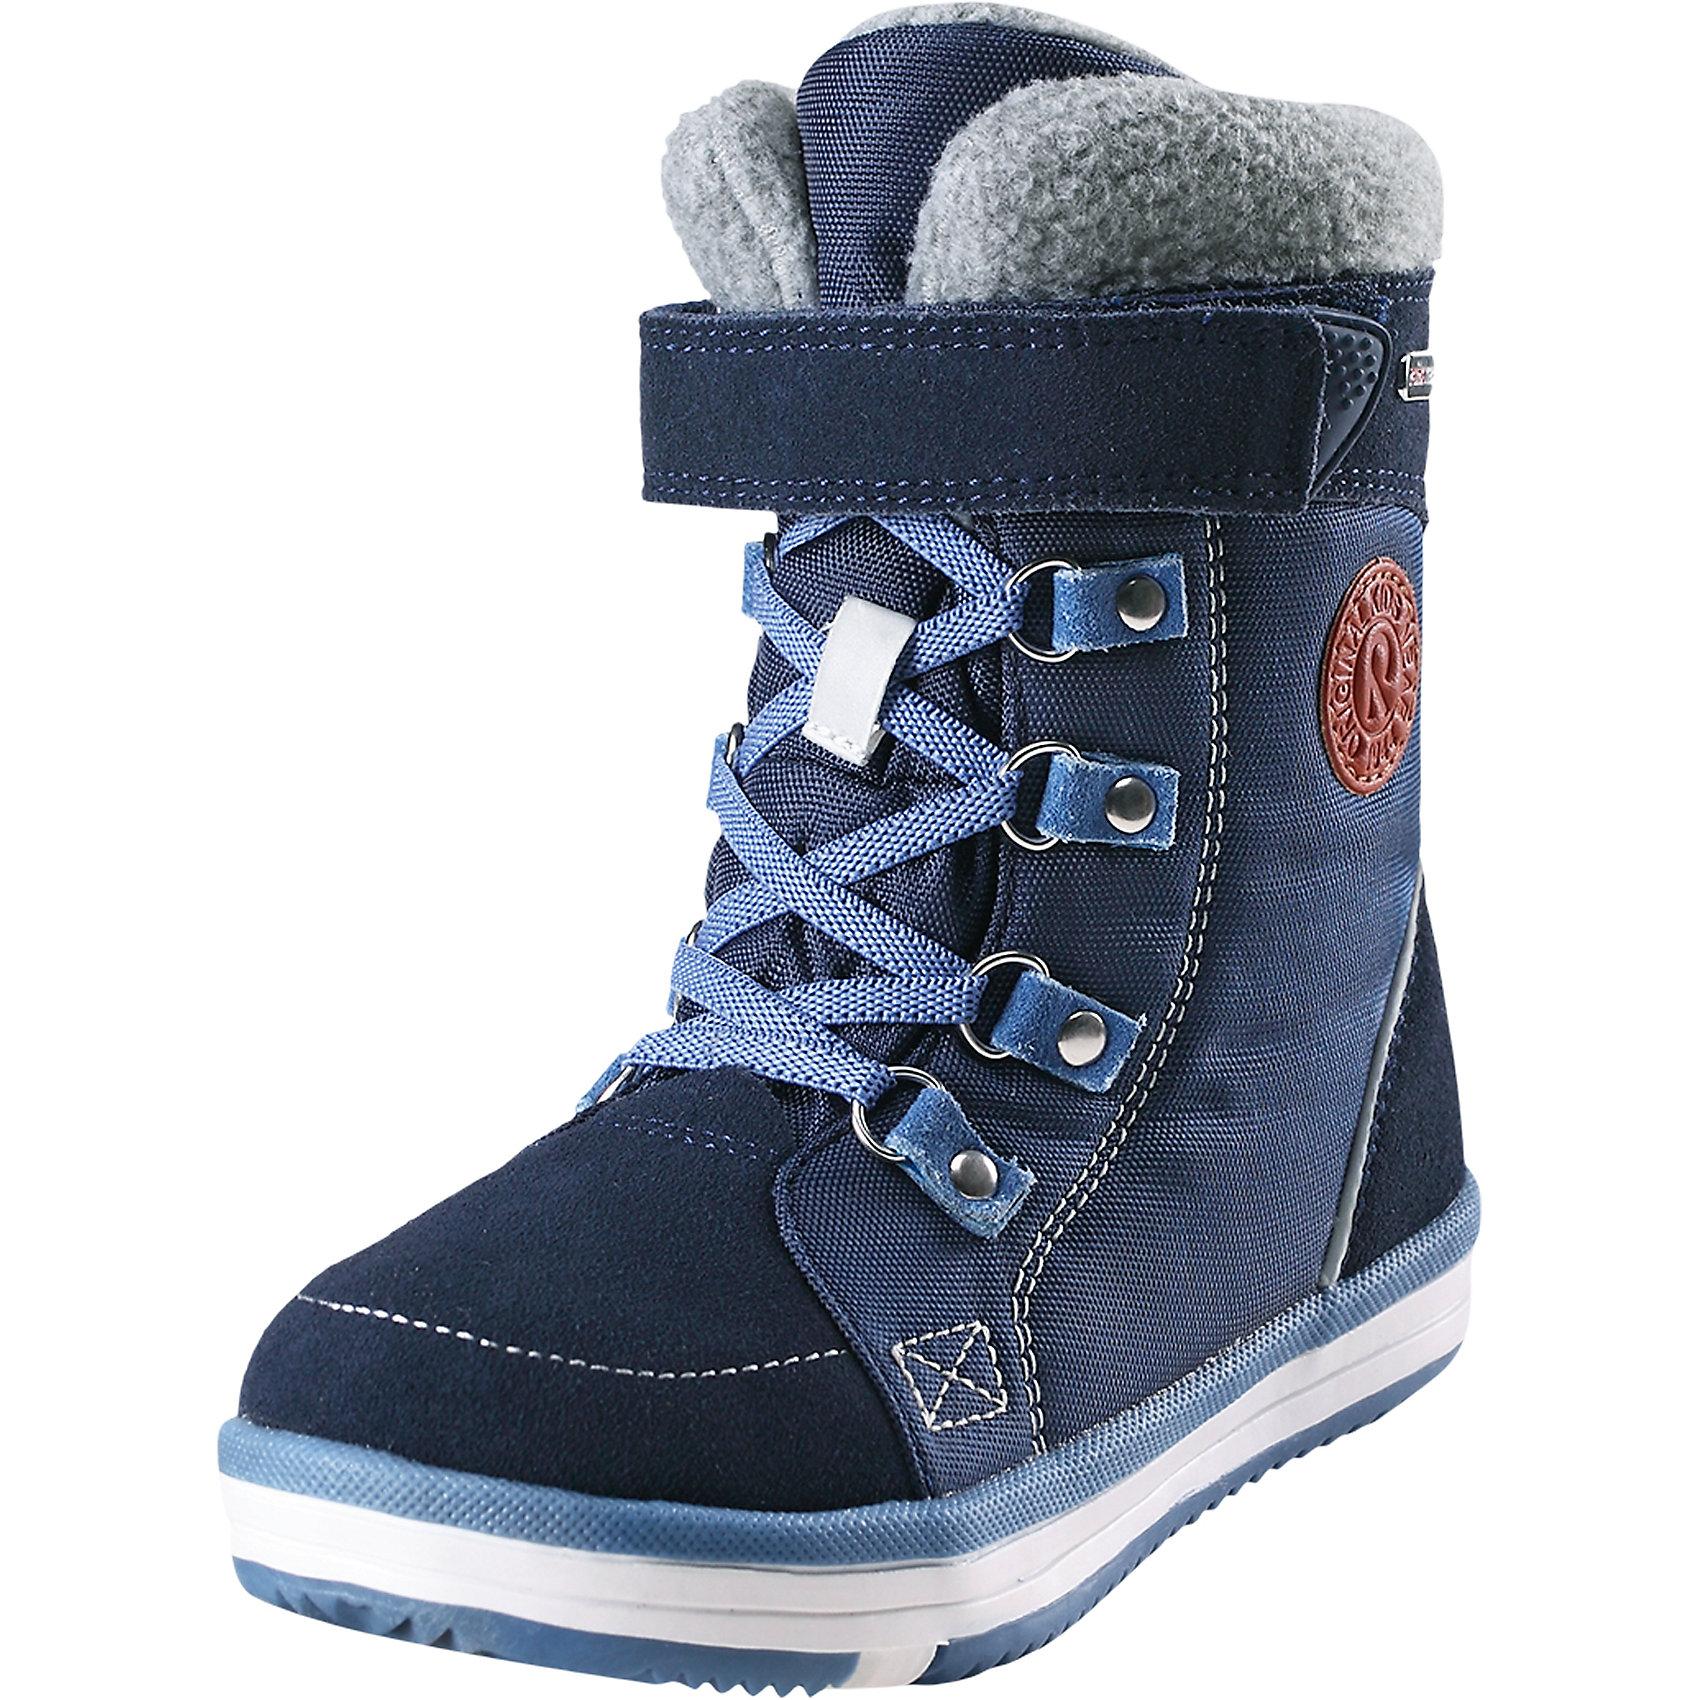 Ботинки Freddo Reimatec® ReimaОбувь<br>Абсолютно непромокаемые детские зимние ботинки. Верх изготовлен из очень красивой телячьей замши и текстиля, а подошва из термопластичной резины обеспечивает хорошее сцепление на любой поверхности. Рисунок Happy Fit на съемных войлочных стельках поможет подобрать нужный размер, а теплый войлок согреет ножки в морозную погоду. Для тех, кто уже знаком с Wetter – обратите внимание, что из-за теплой меховой подкладки размеры Freddo могут быть немного меньше, чем в ботинках Wetter. Благодаря эластичным шнуркам, их очень легко надевать, к тому же шнурки вместе с застежкой на липучке обеспечат плотную и удобную посадку на ноге. Отличный вариант как для прогулок по городу, так и для веселых игр в снегу.<br>Состав:<br>Подошва: Термопластичная резина Верх: Кожа/Полиэстер<br><br>Ширина мм: 262<br>Глубина мм: 176<br>Высота мм: 97<br>Вес г: 427<br>Цвет: синий<br>Возраст от месяцев: 132<br>Возраст до месяцев: 144<br>Пол: Унисекс<br>Возраст: Детский<br>Размер: 38,28,29,30,31,32,33,34,35,36,37<br>SKU: 6968215